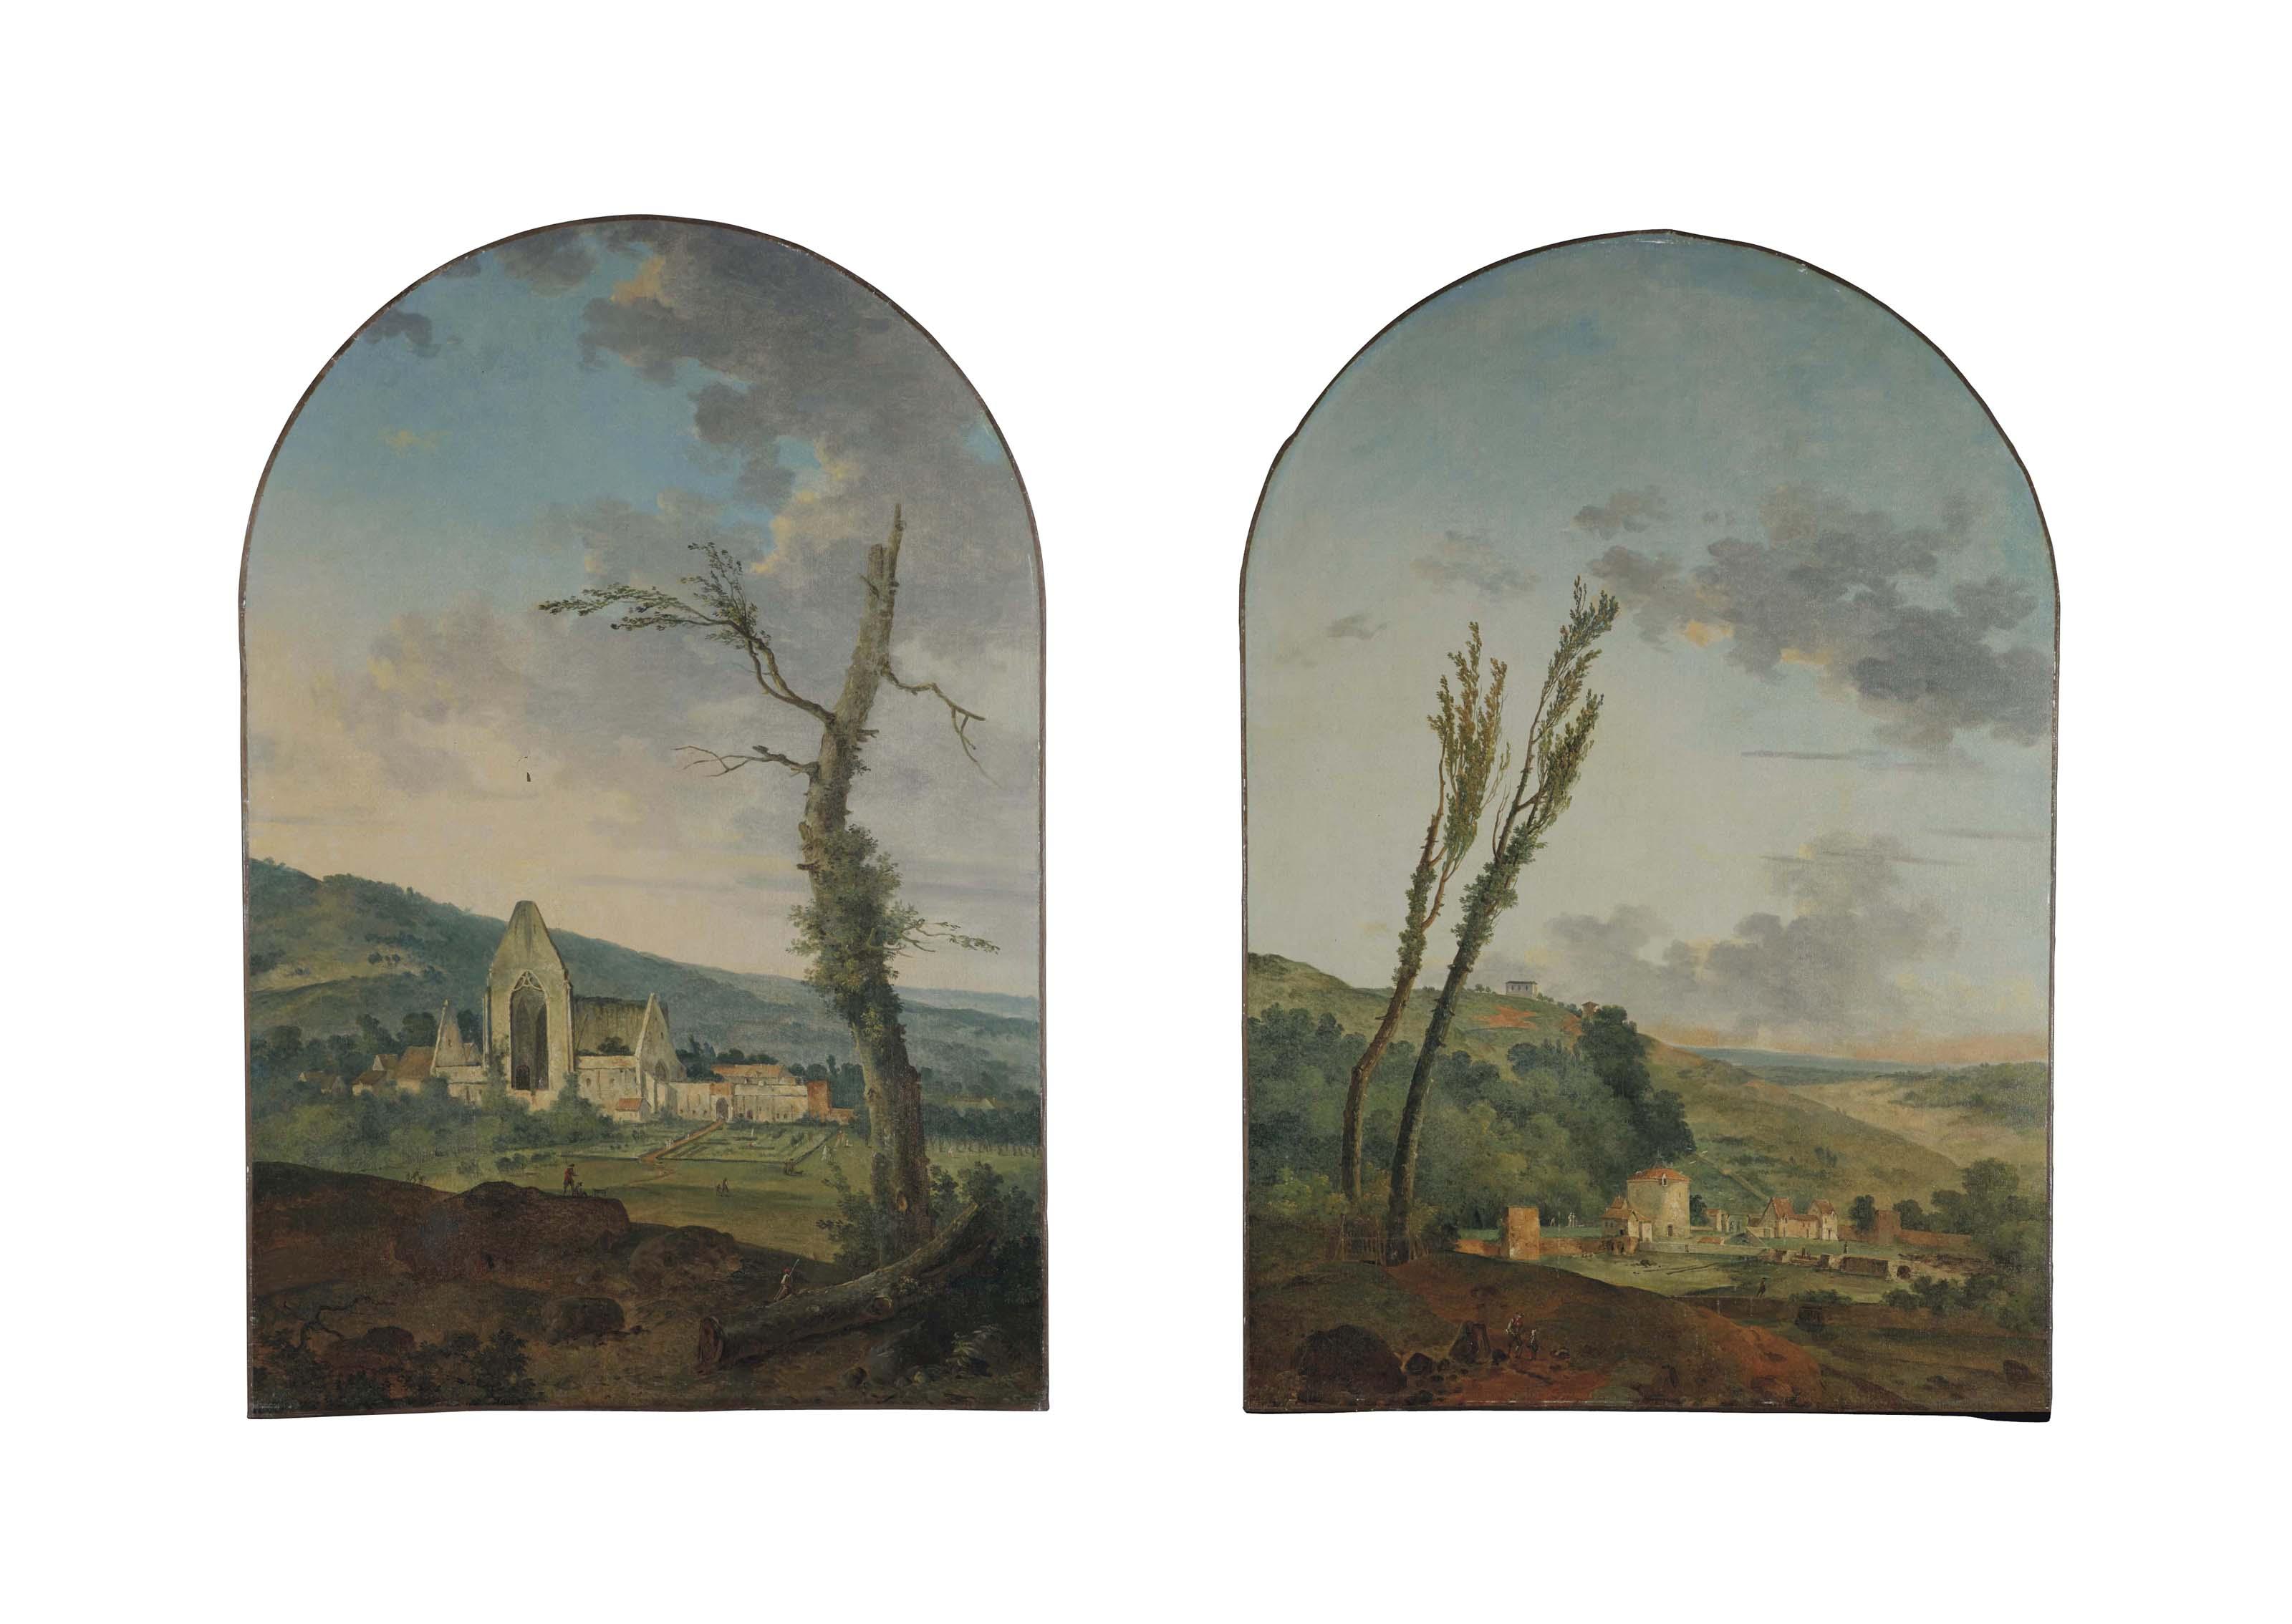 Paysage avec une vue présumée de l'Abbaye des Vaux de Cernay ; et Paysage avec une ferme et un pigeonnier